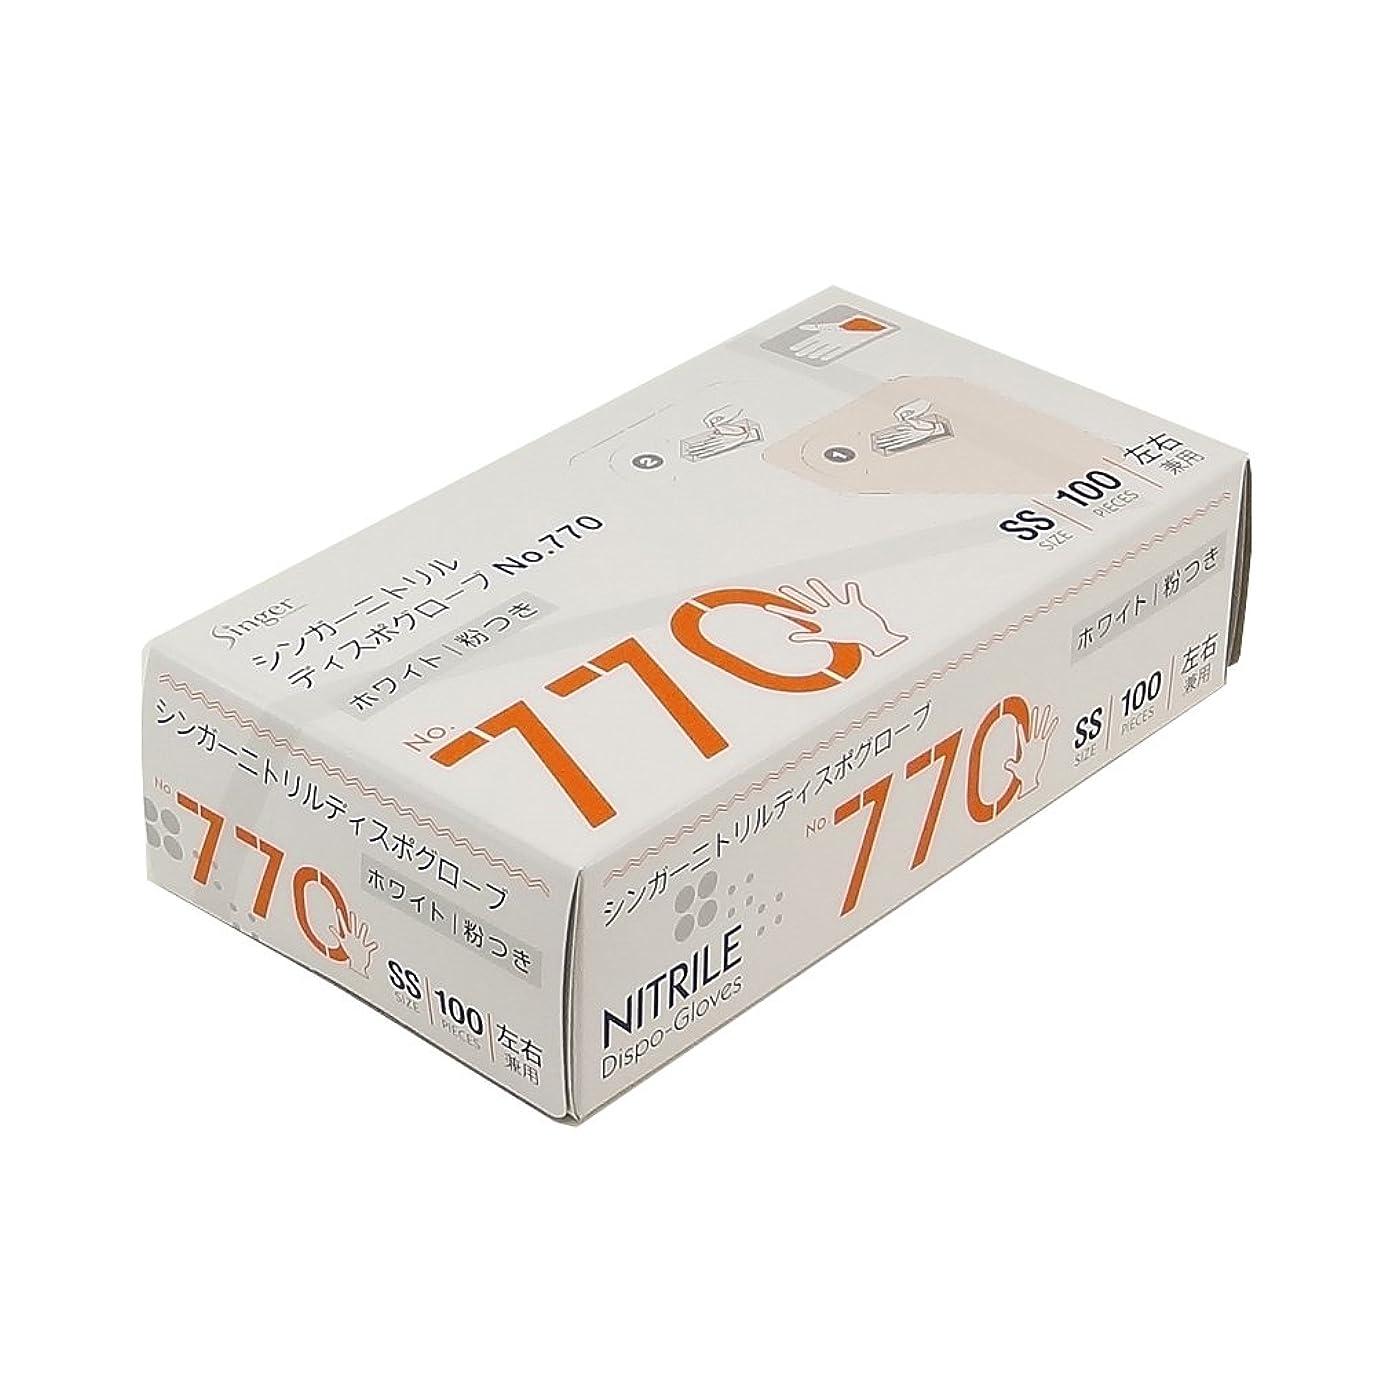 宇都宮製作 ディスポ手袋 シンガーニトリルディスポグローブ No.770 ホワイト 粉付 100枚入  SS